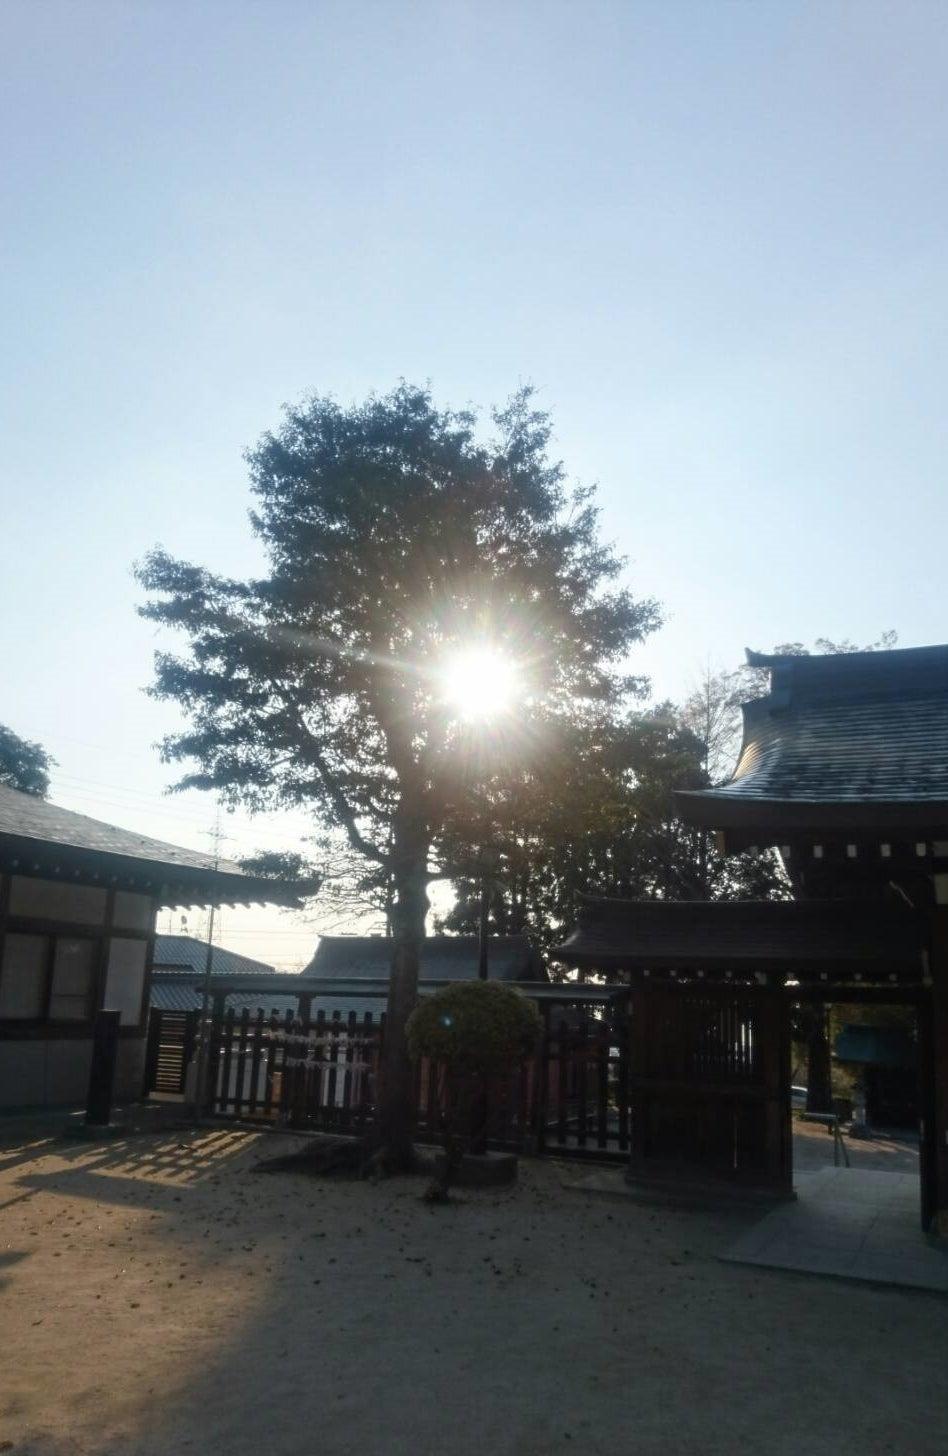 【メディア掲載】広島経済レポート3150号(4/11号)「ひとやすみ」欄に掲載されました!の記事より